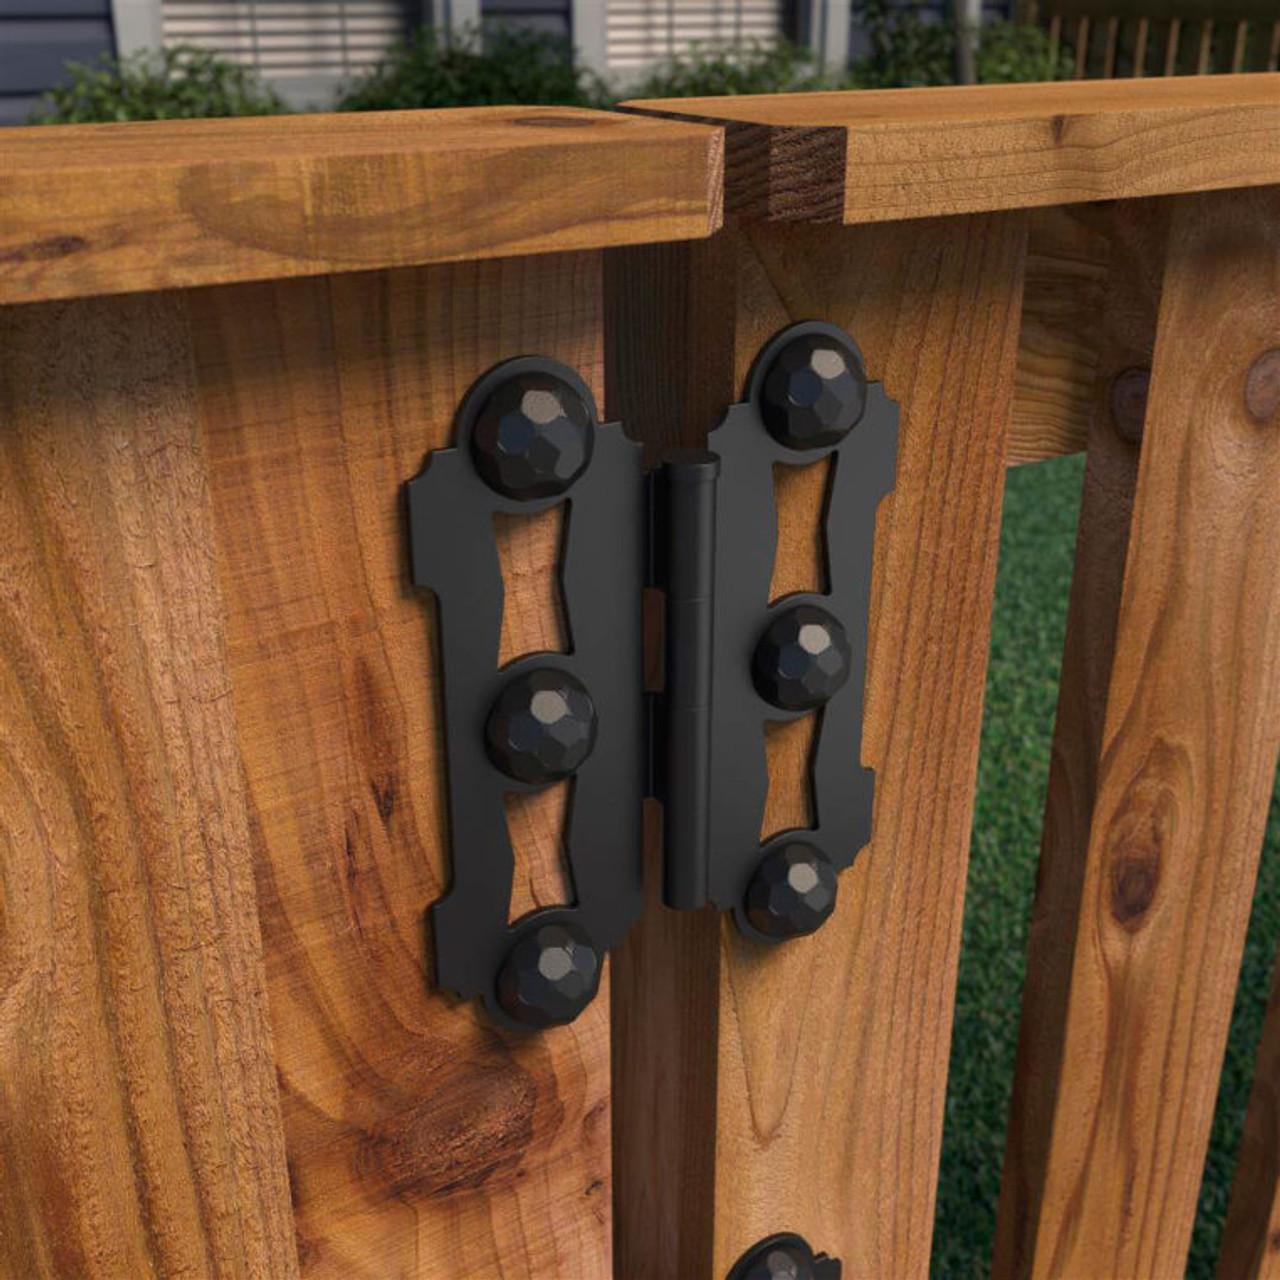 OZCO Ornamental Wood Ties Butterfly Gate Hinge on Wood Gate